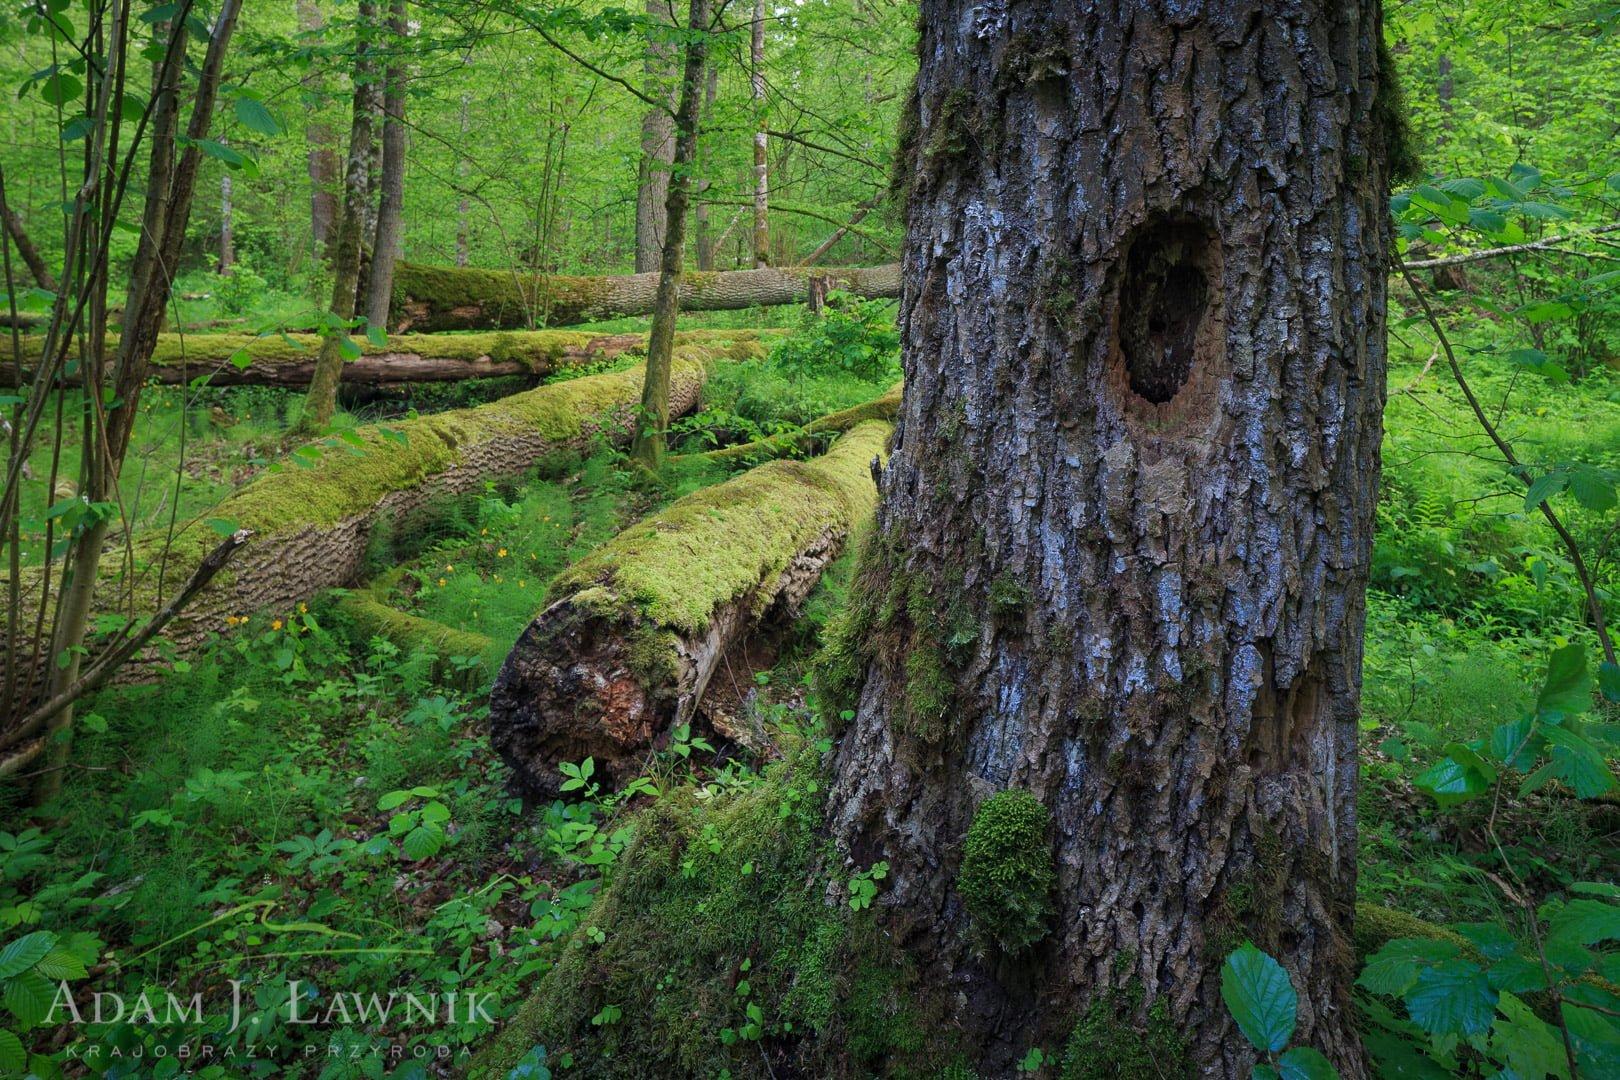 Drzewo dziuplaste w Białowieskim Parku Narodowym